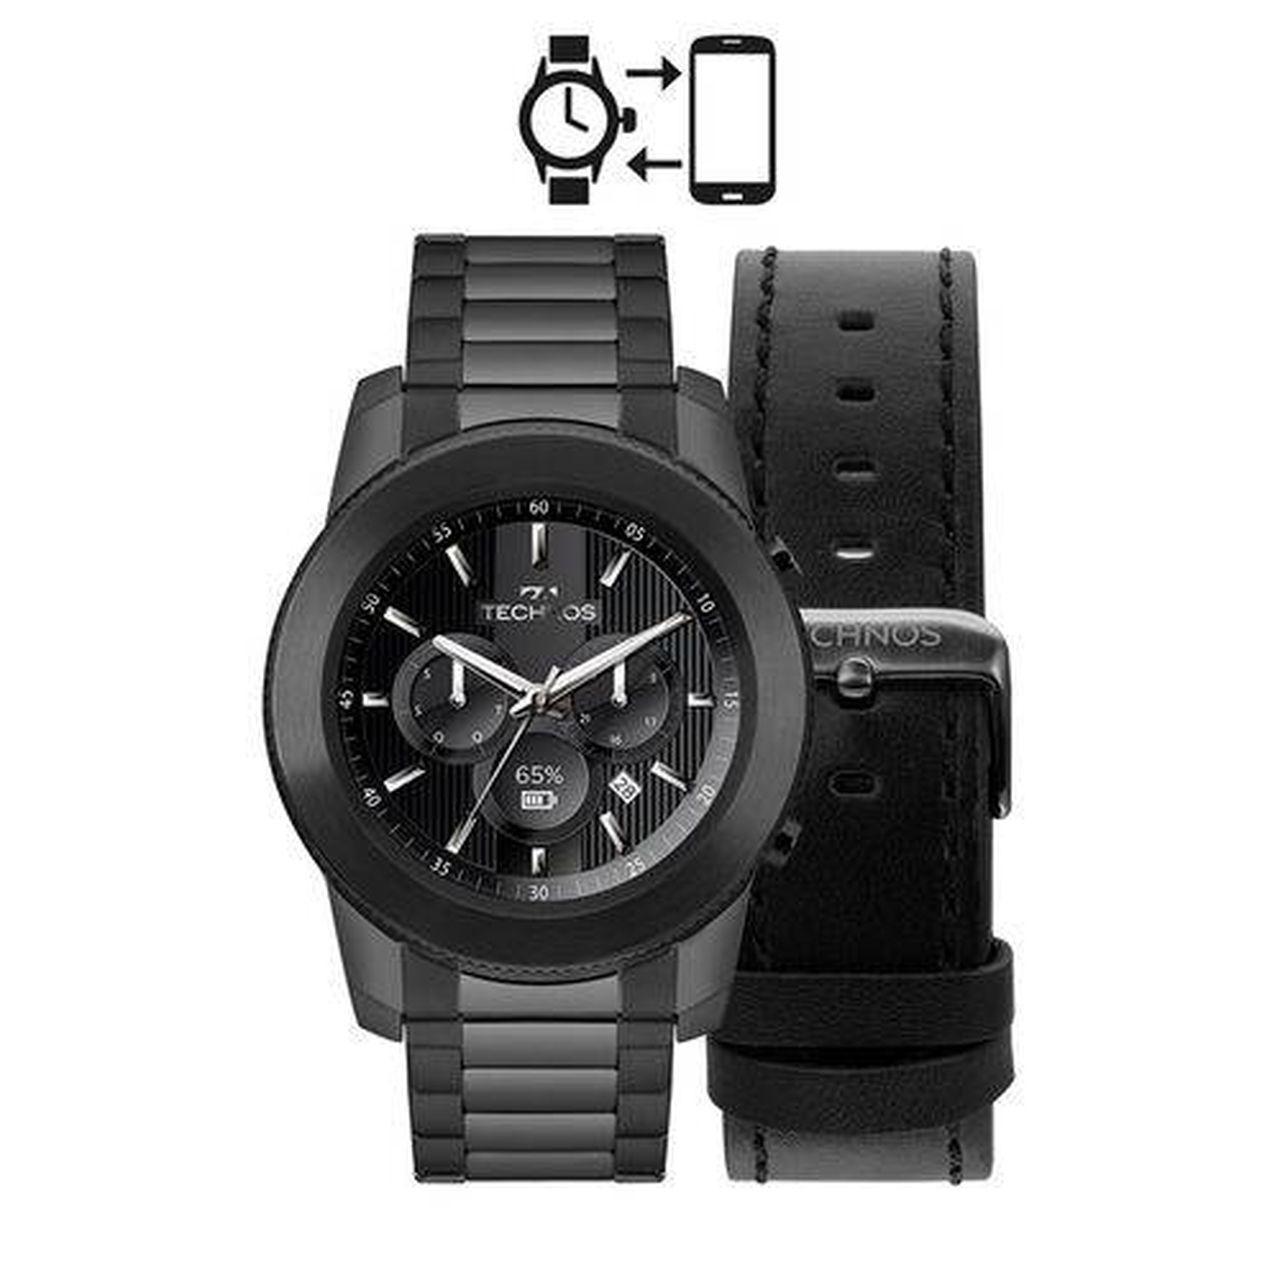 Relógio Technos Performance Connect M1ab/4p Masculino Preto